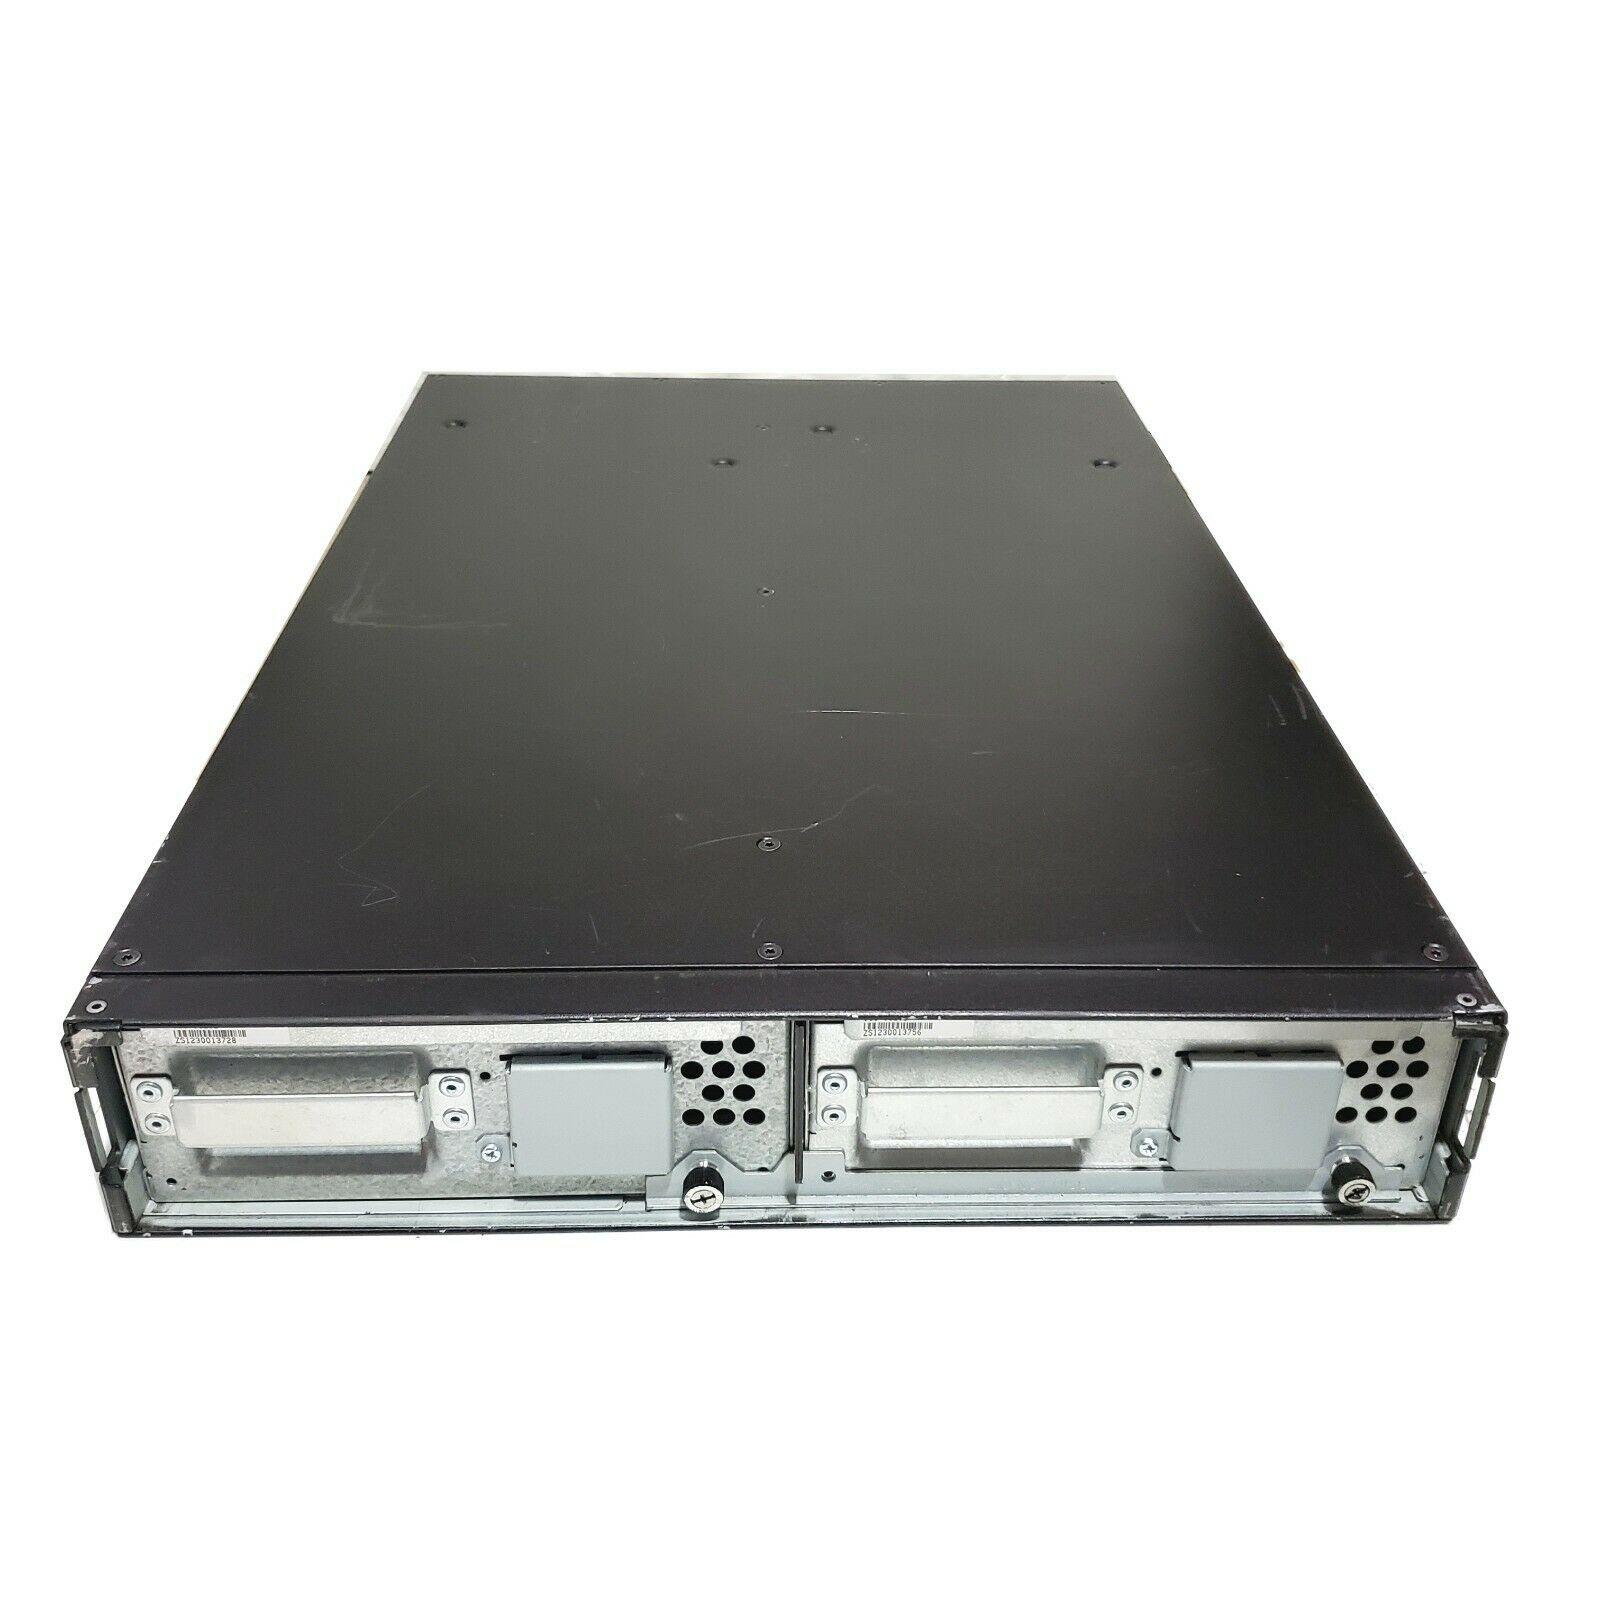 UPS APC SMX3000RMLV2U Black SUA, Rackabil 2U, Lipsa Acumulatori - imaginea 2